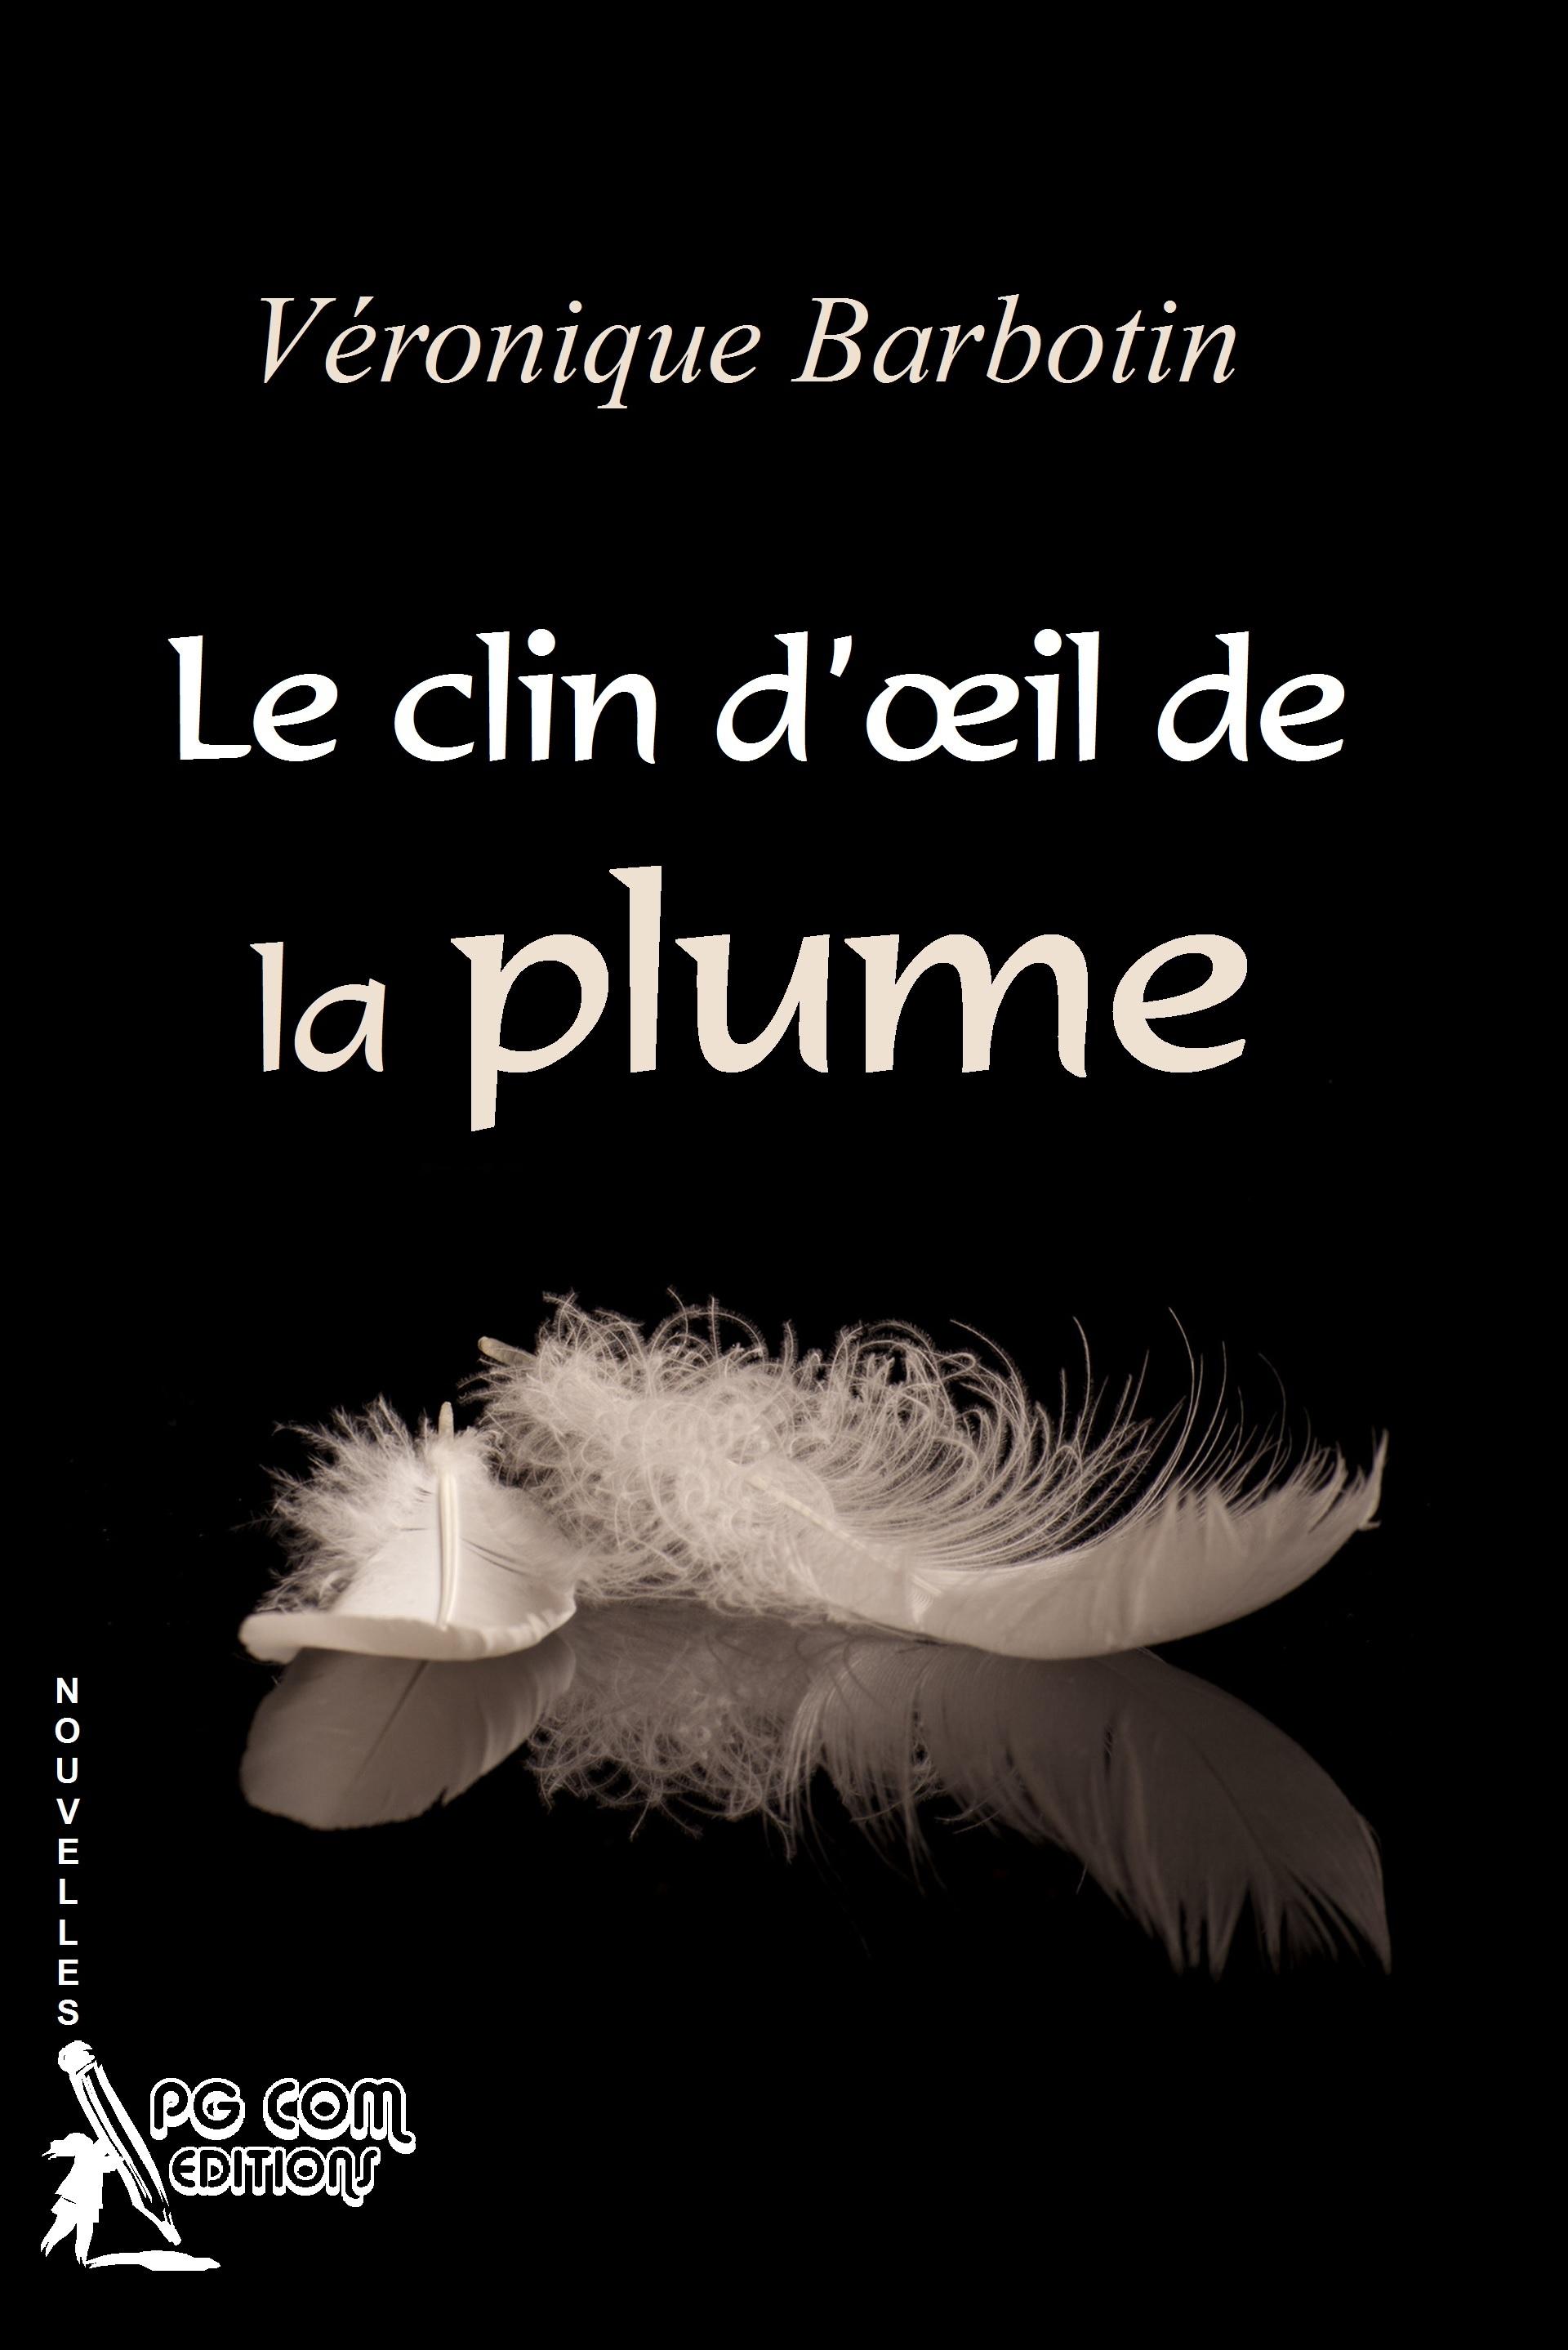 LE CLIN D'OEIL DE LA PLUME